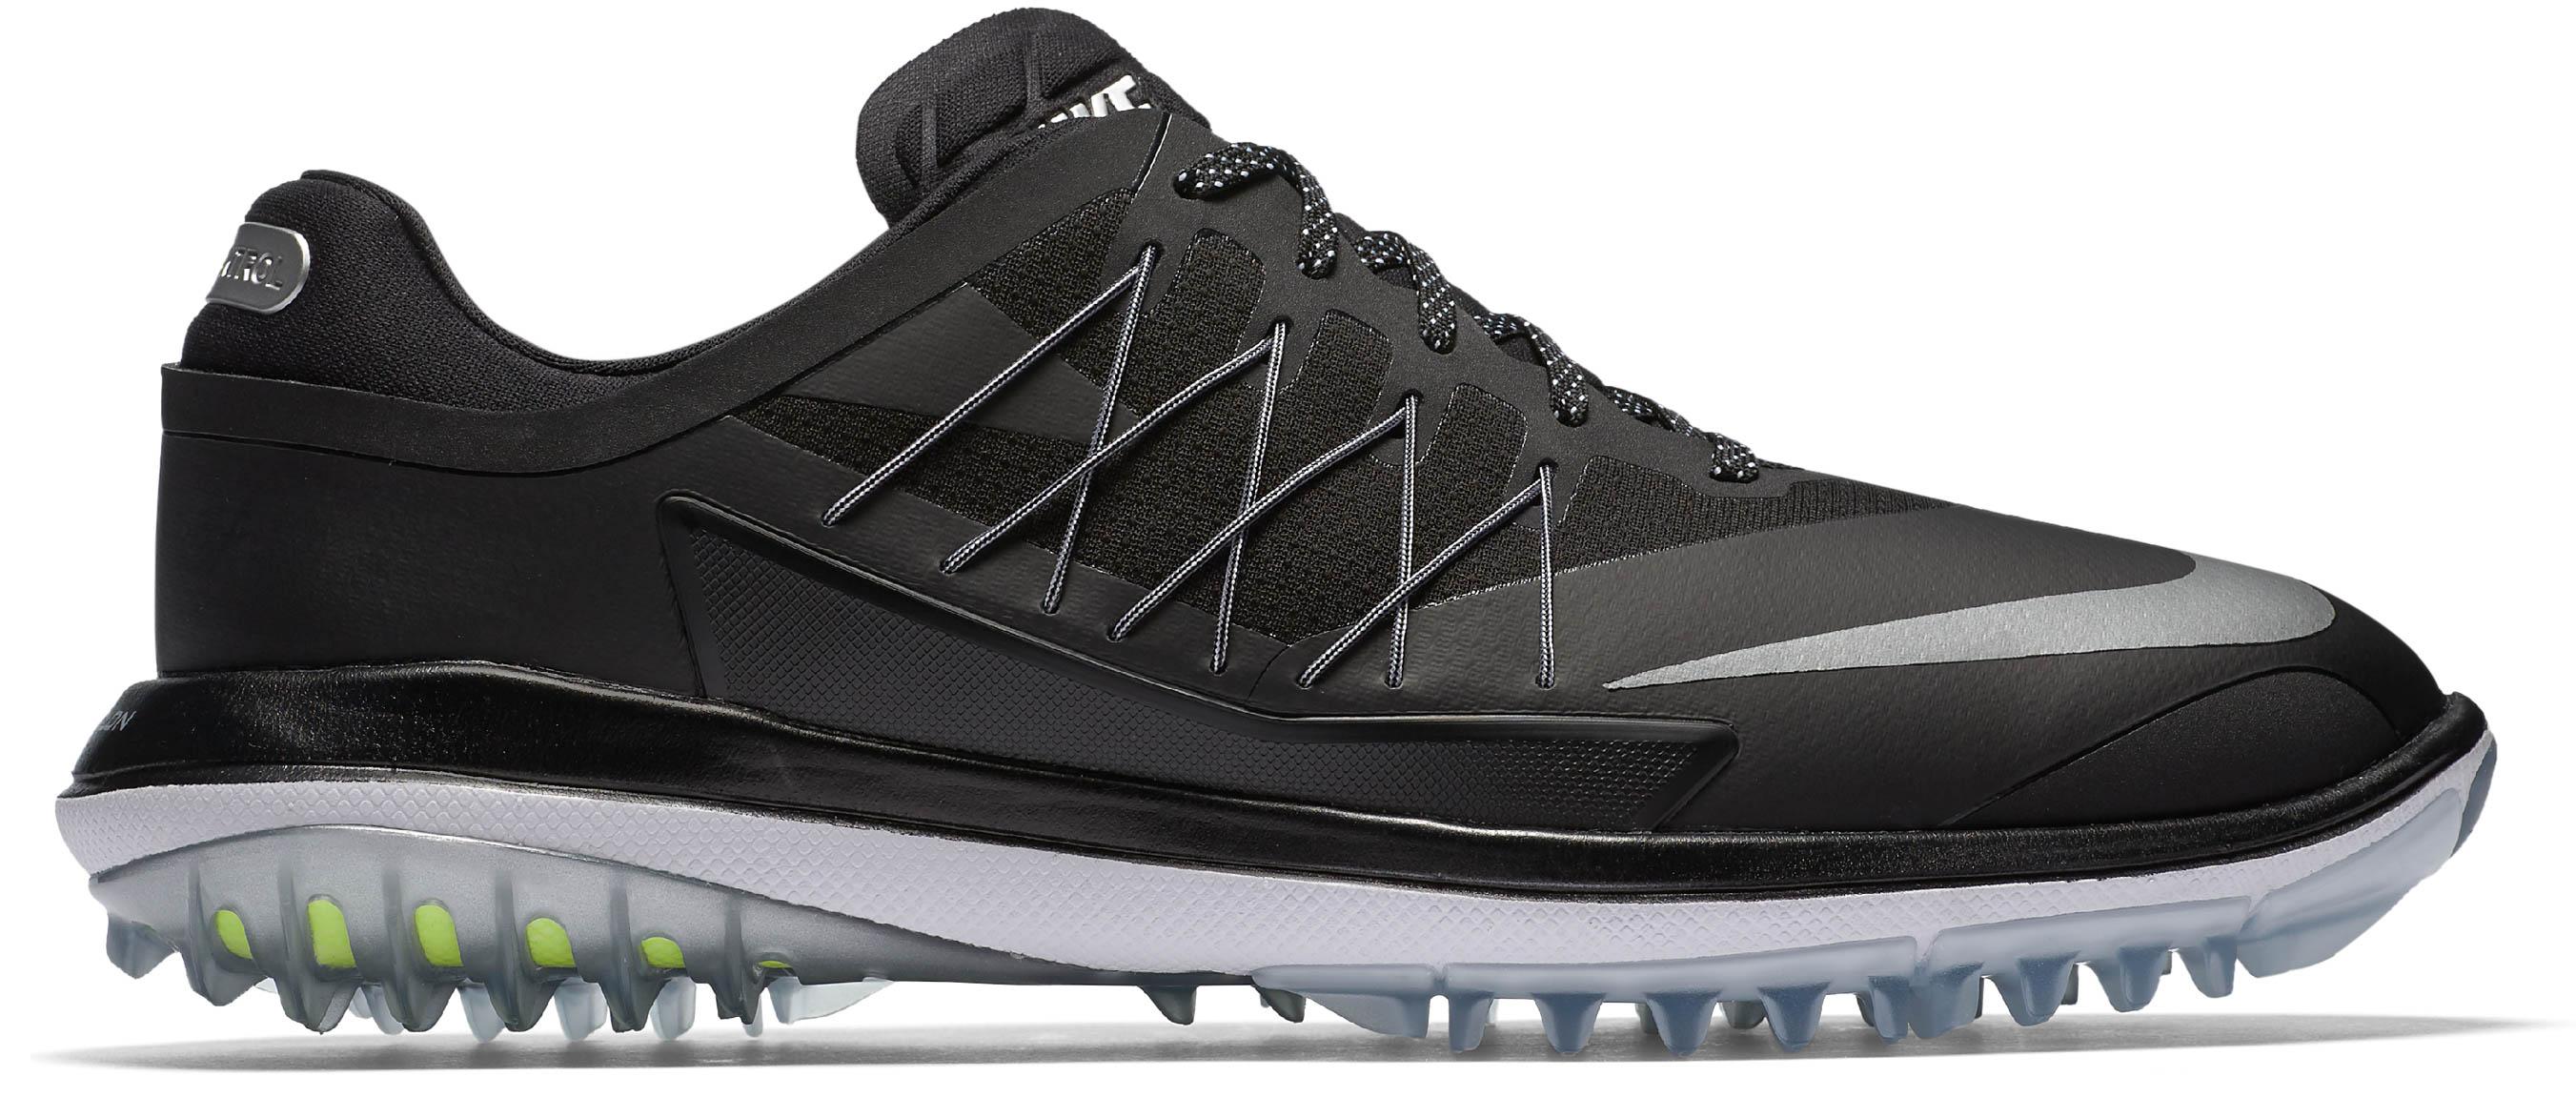 Nike Lunar Control Vapor Herrenschuhe für Herren Golfschuhe